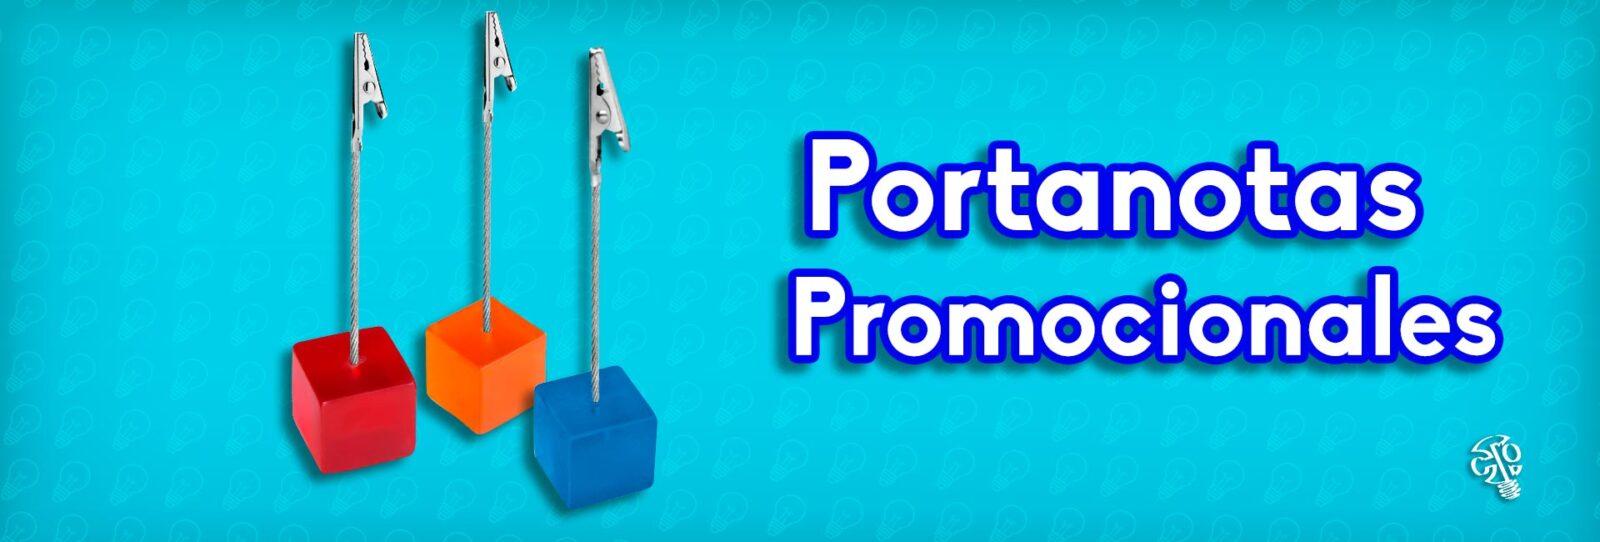 02_Portanotas